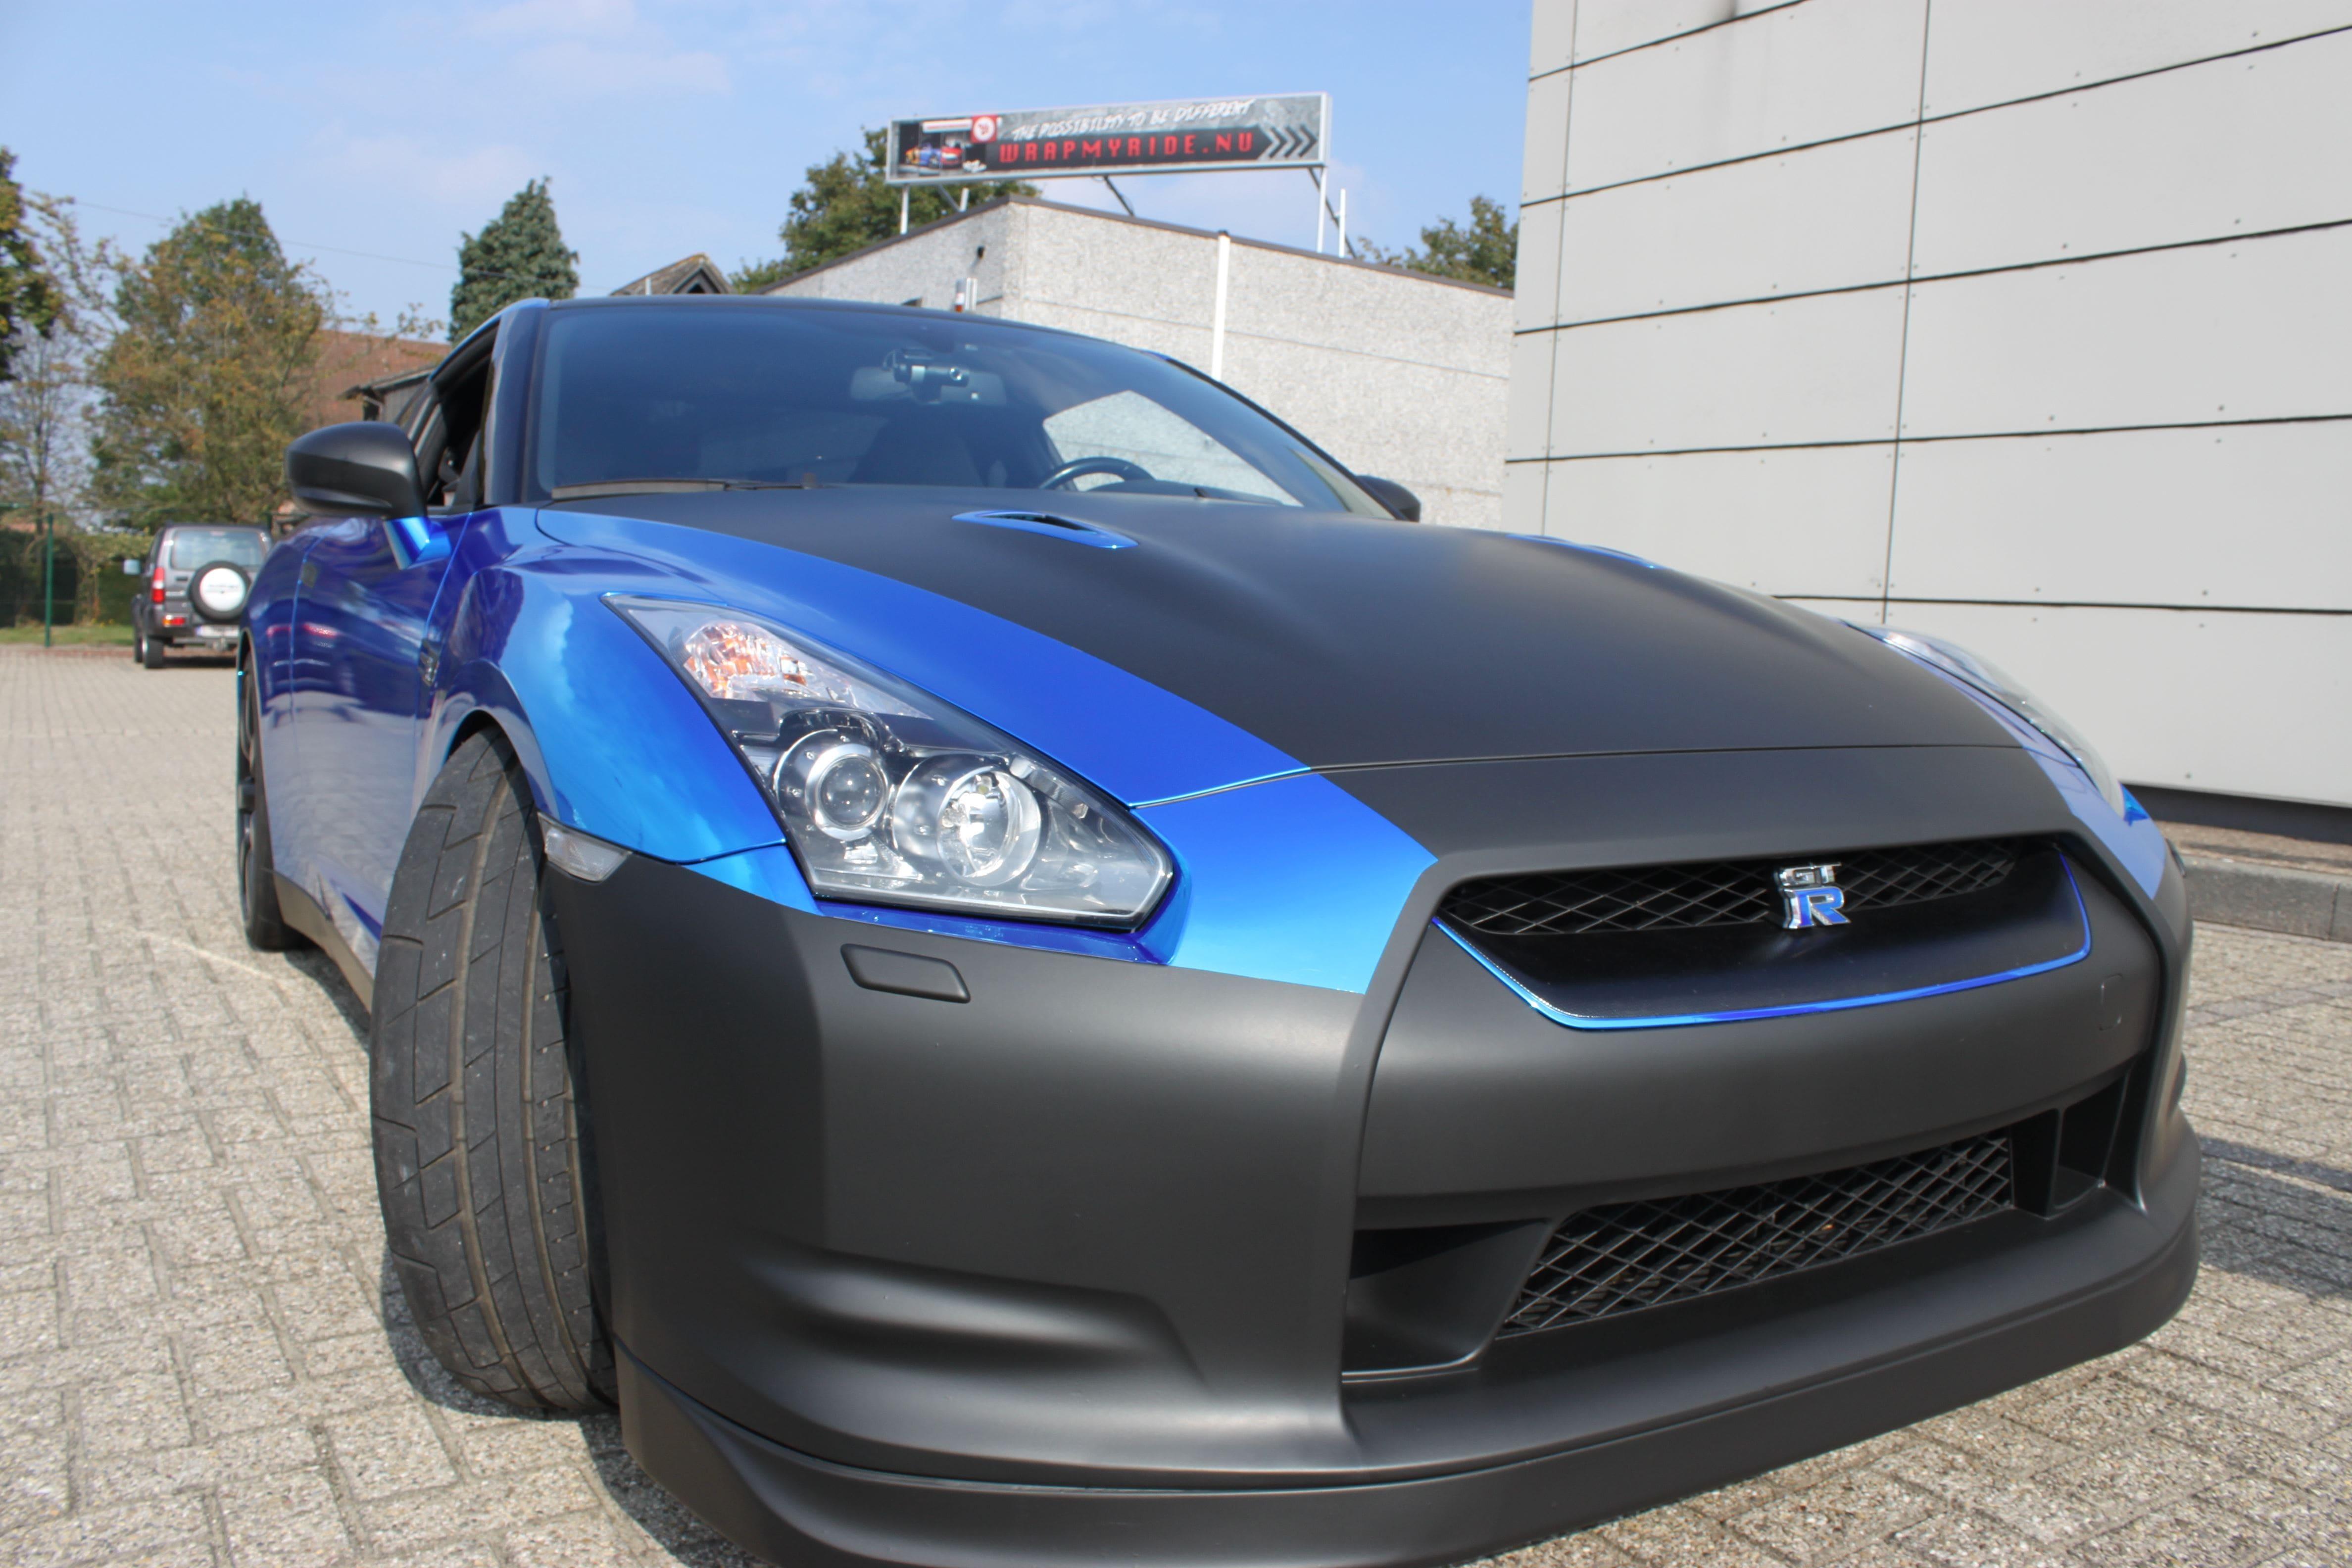 Nissan GT-R met Blue Chrome Wrap, Carwrapping door Wrapmyride.nu Foto-nr:6480, ©2021